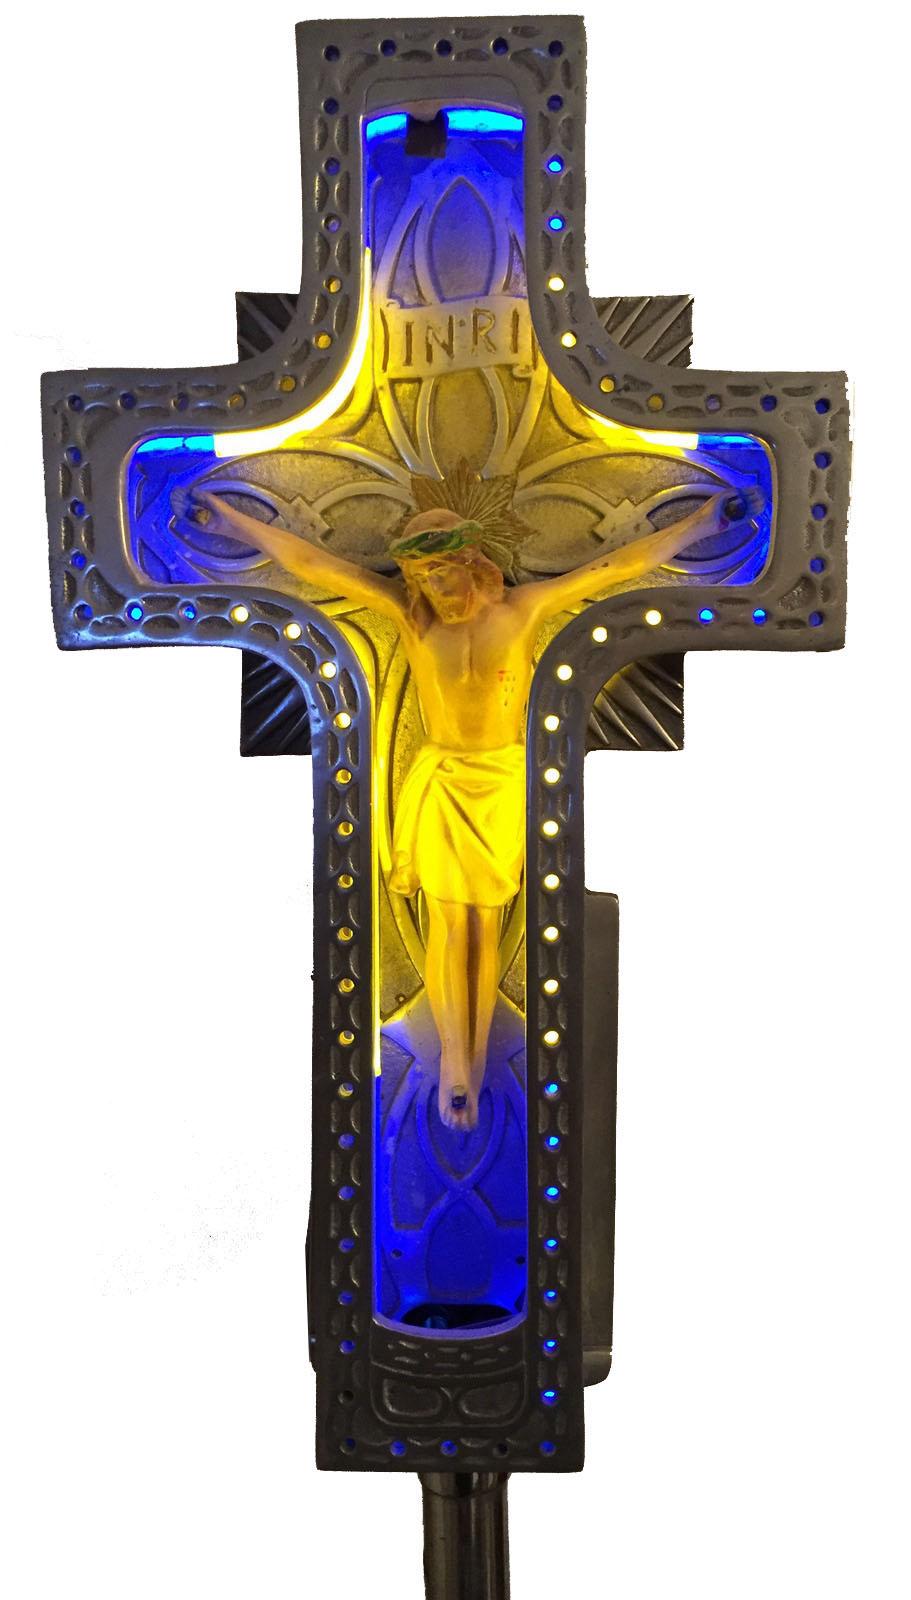 Rare 1930 S Art Deco Vintage 2 Color Neon Crucifix Modernism